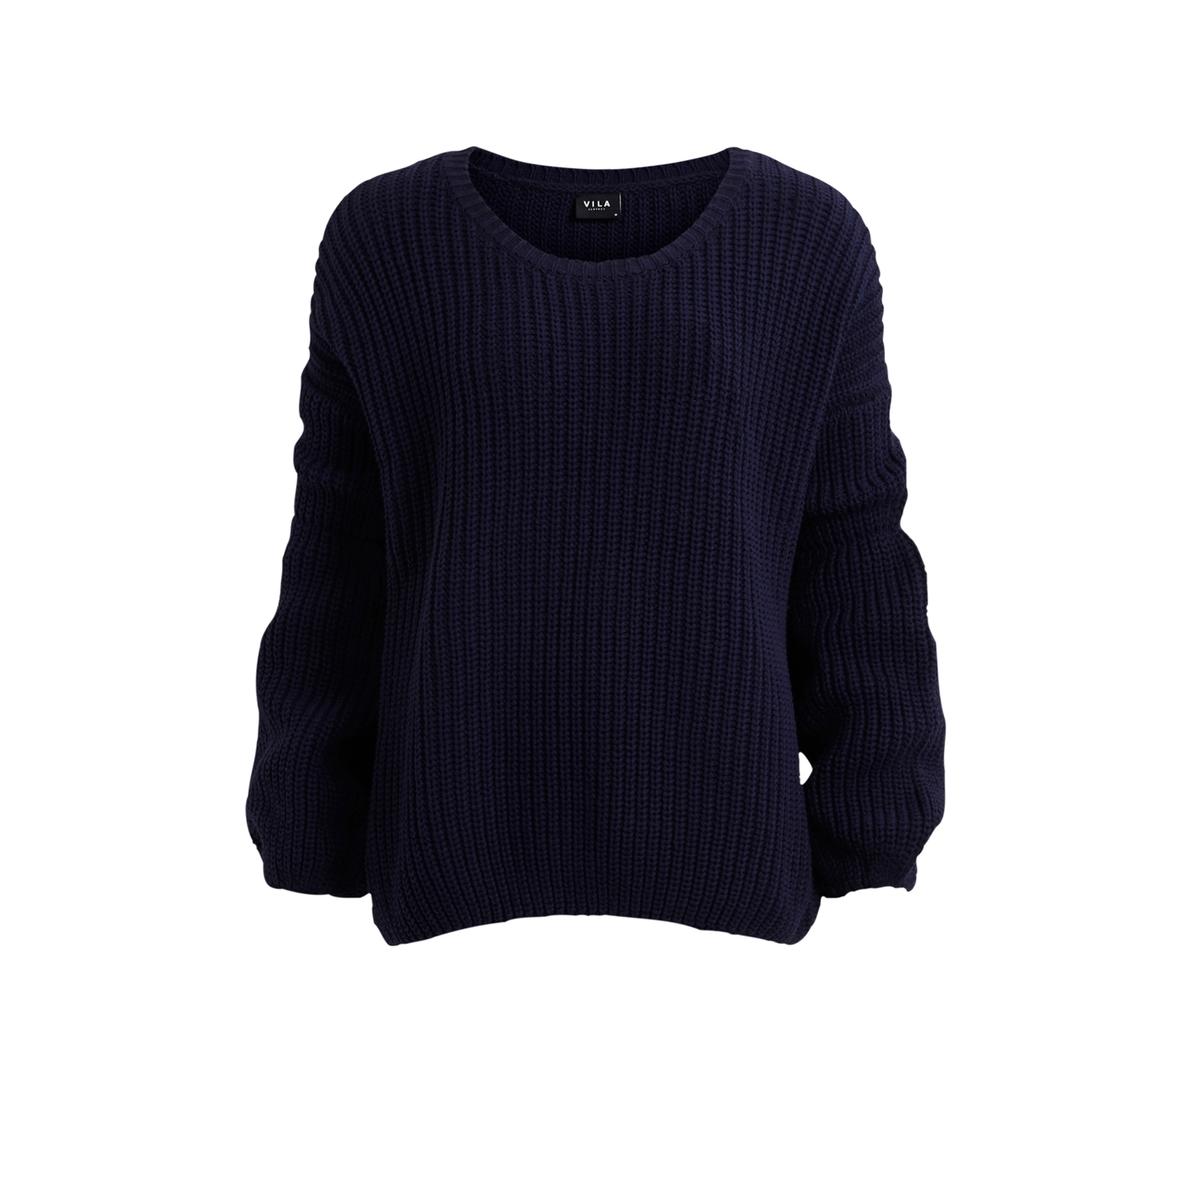 Пуловер с длинными рукавамиСостав и описание: Материал: 60% хлопка, 40% акрила.Марка: Vila.Длинные рукава.Круглый вырез.<br><br>Цвет: темно-синий<br>Размер: M.L